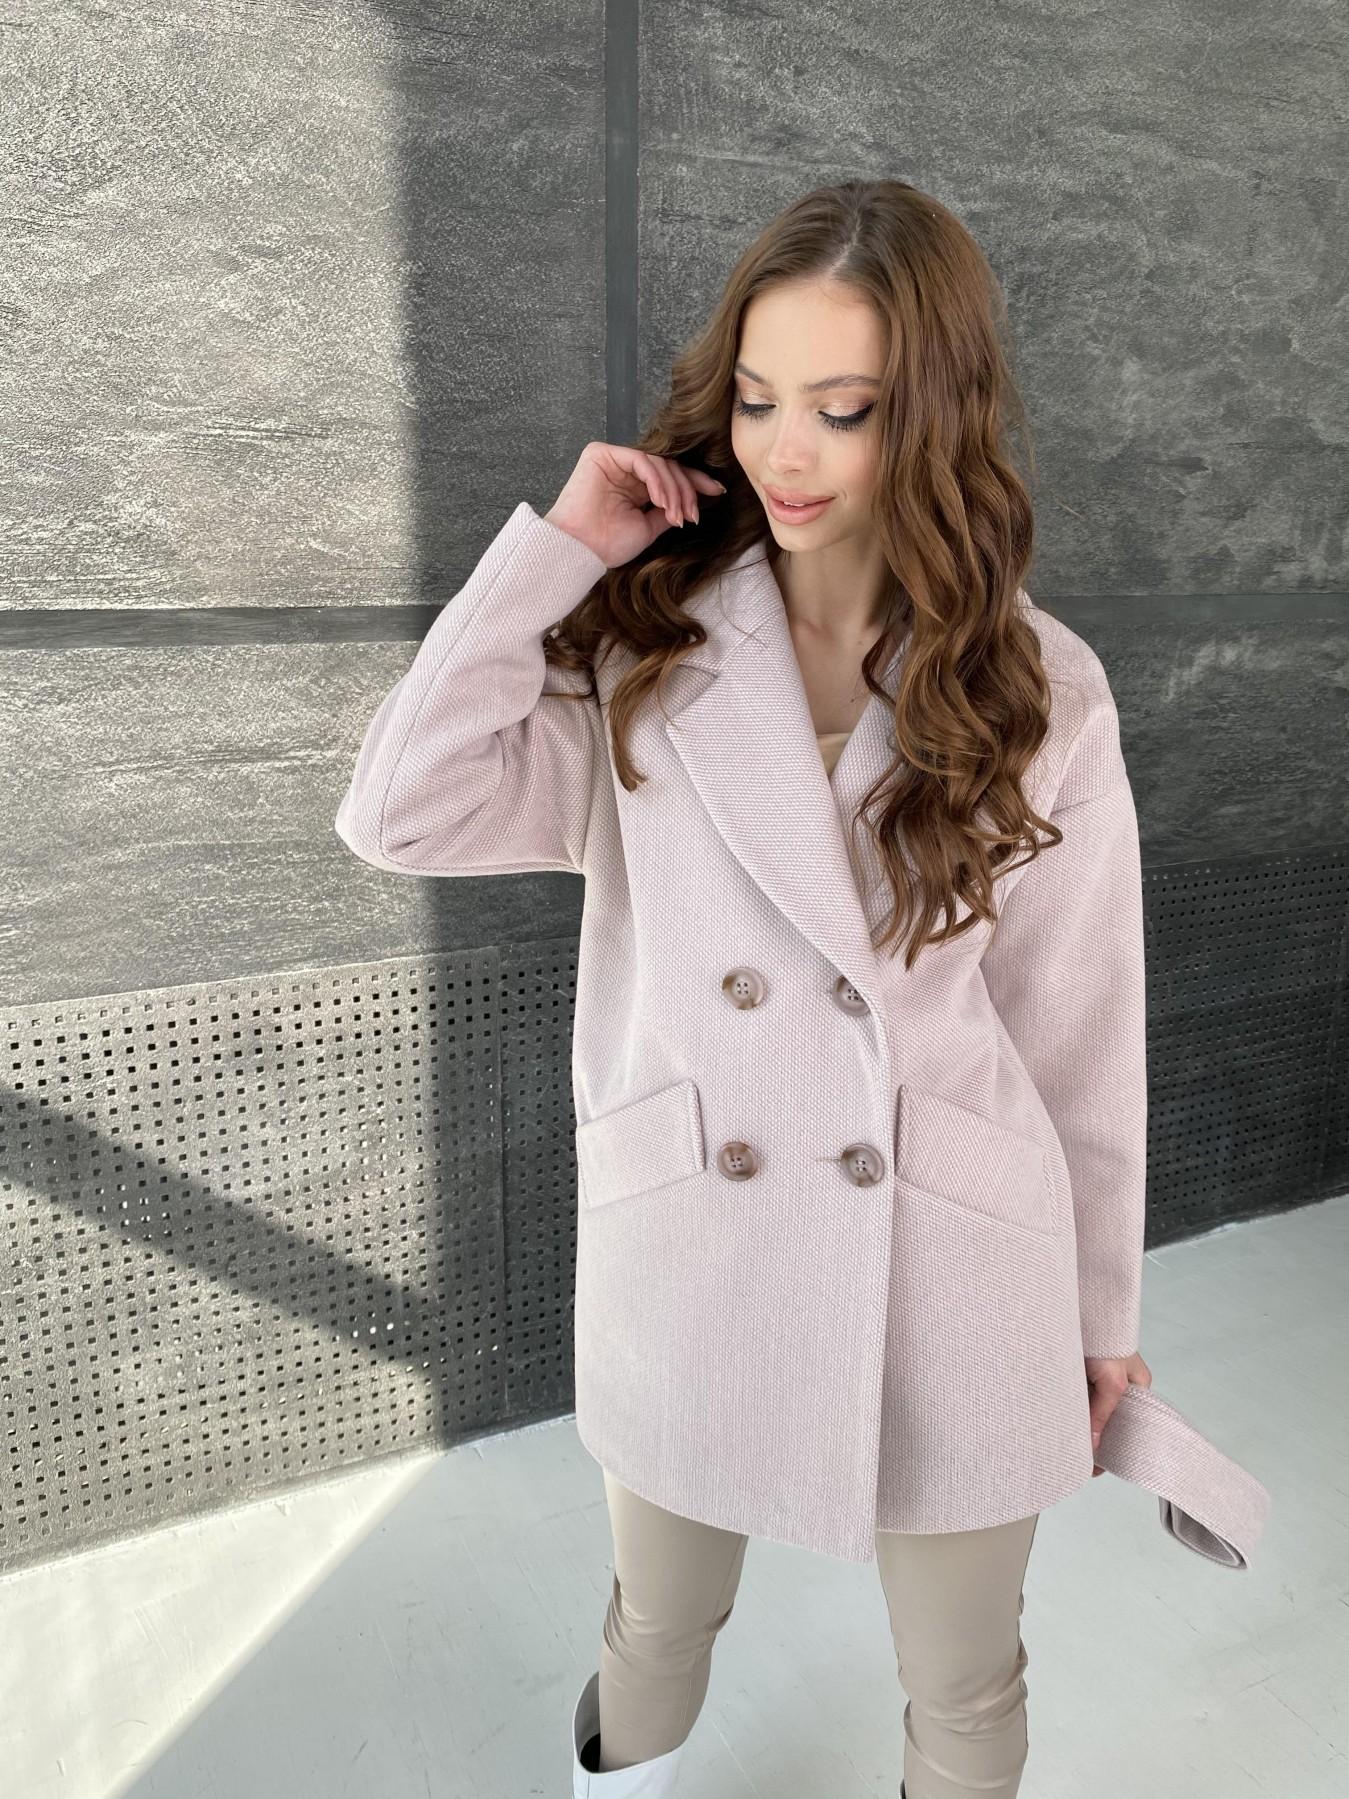 Бонд Флеш пальто из пальтовой ткани 10768 АРТ. 47195 Цвет: Пудра - фото 3, интернет магазин tm-modus.ru